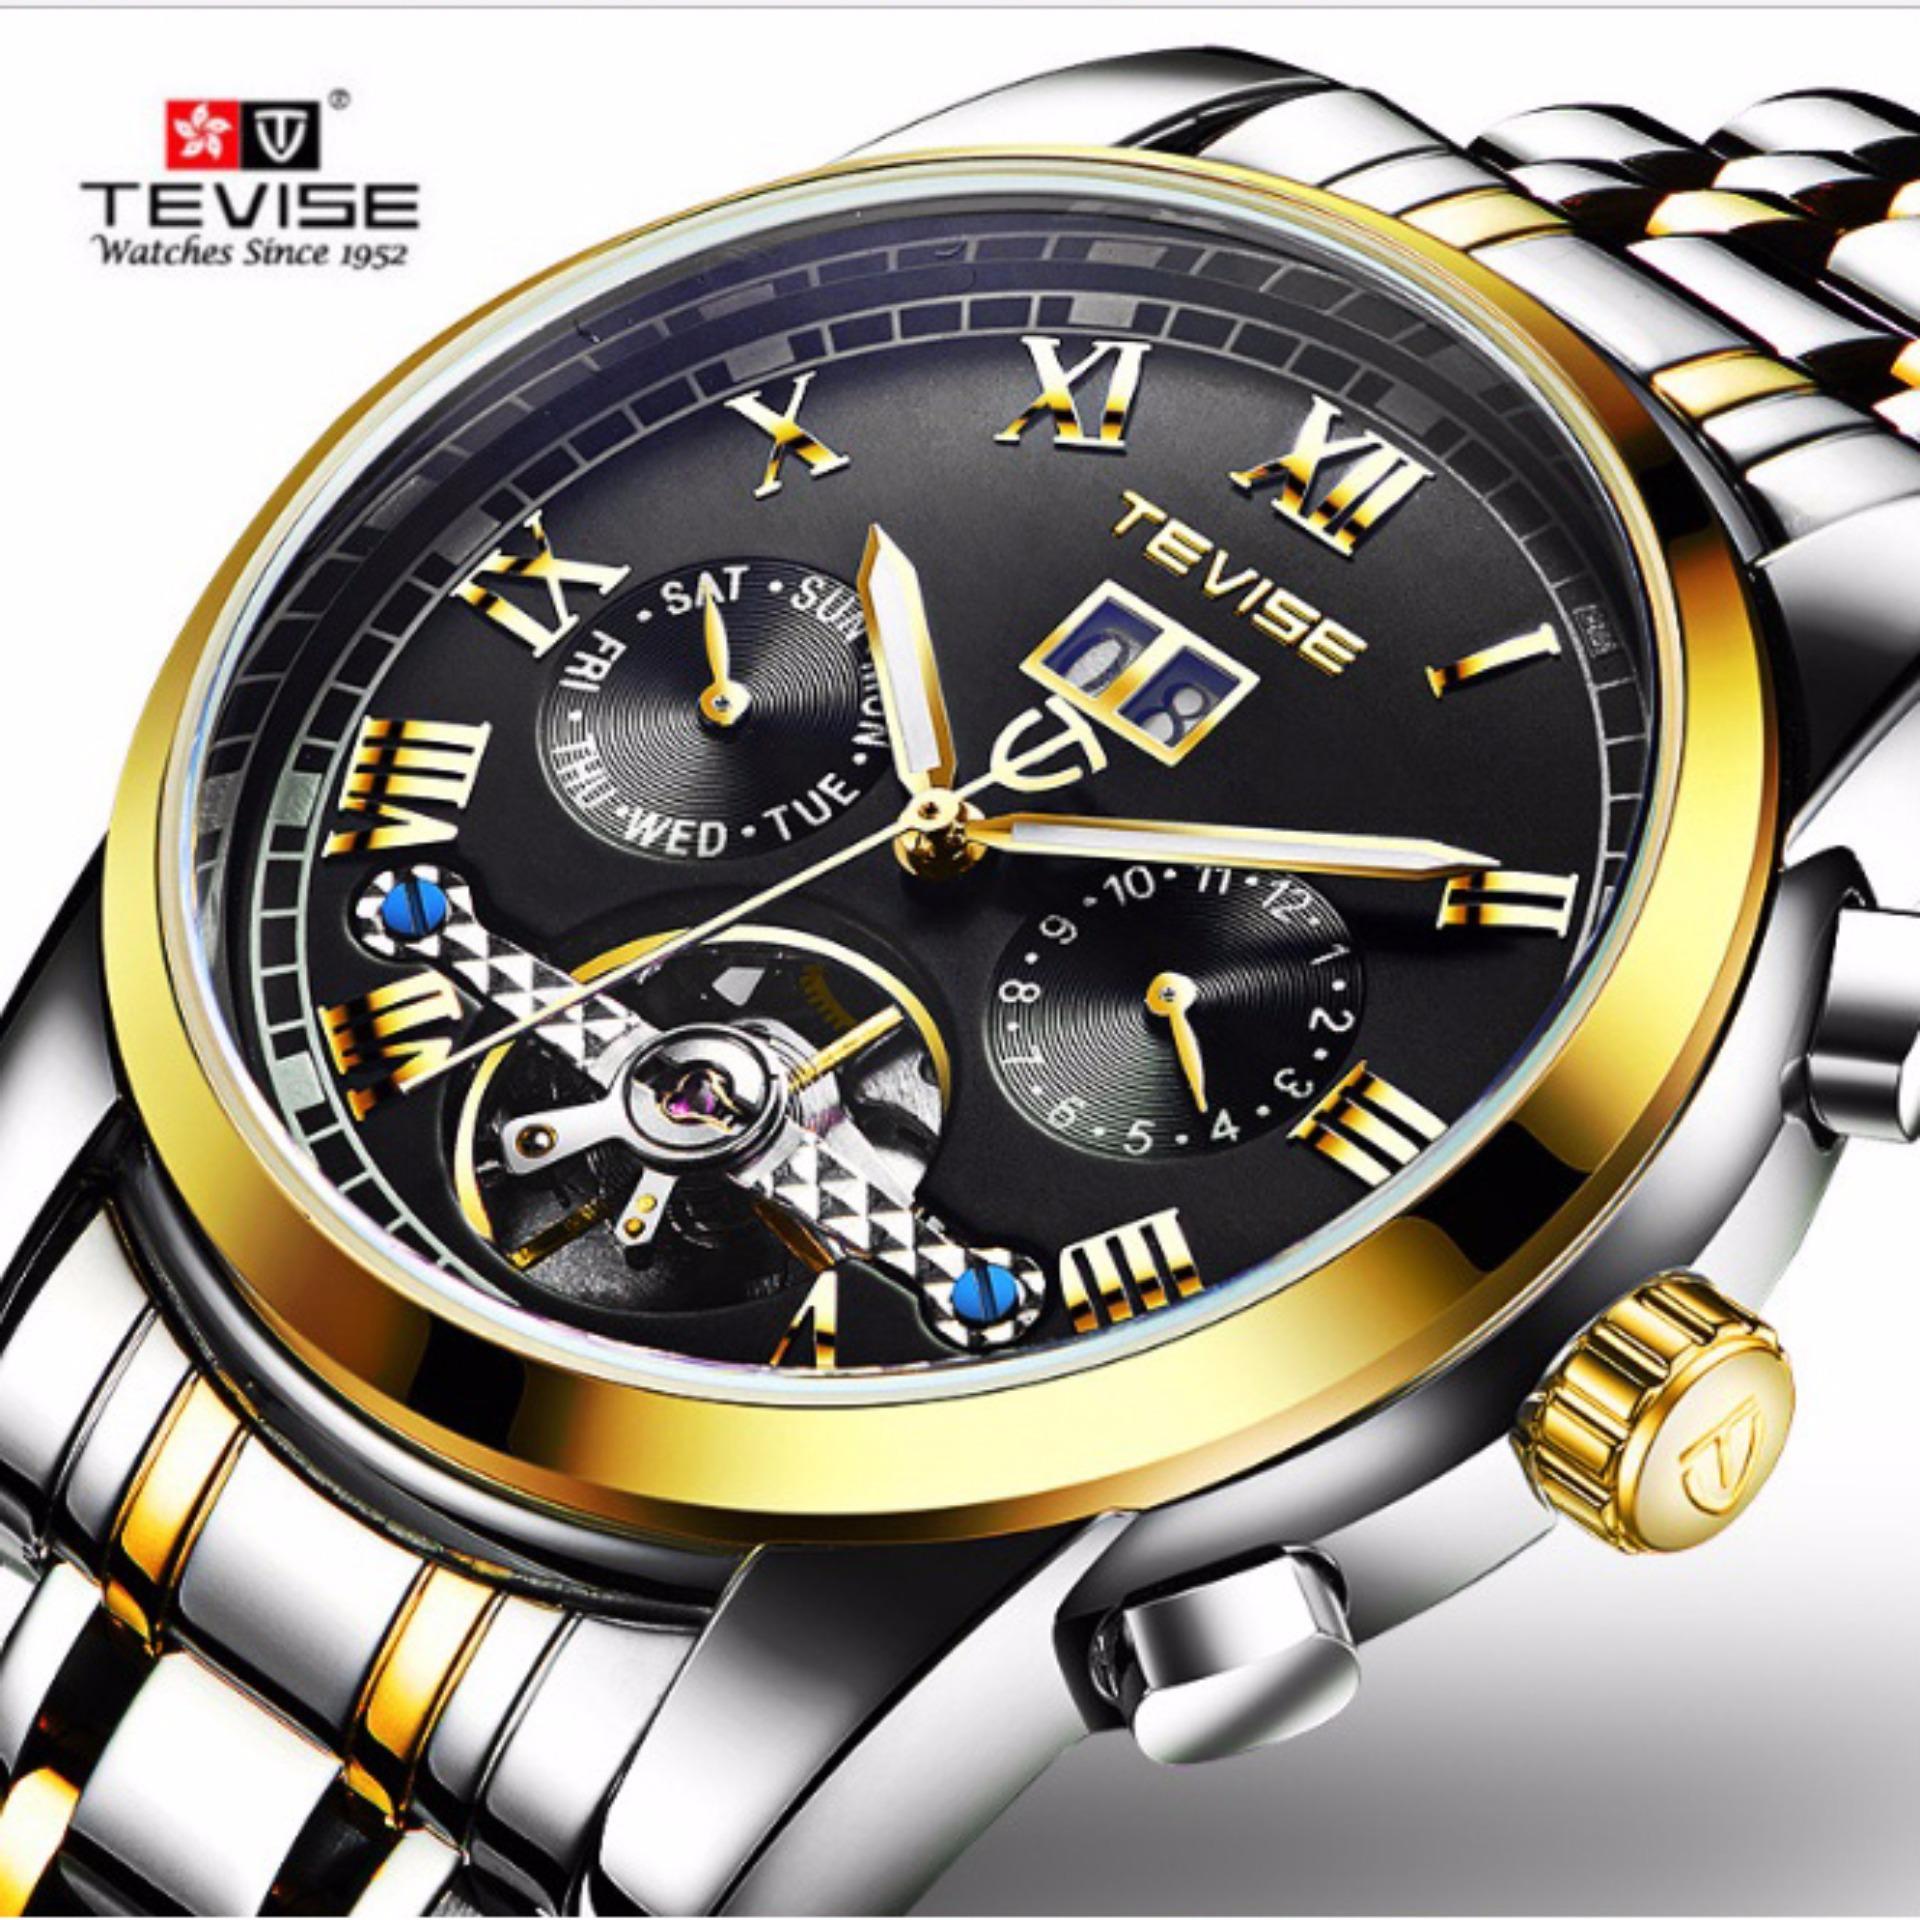 Đồng hồ nam máy cơ Tevise 9005G lộ máy chạy full kim  (Mặt đen dây sọc vàng)